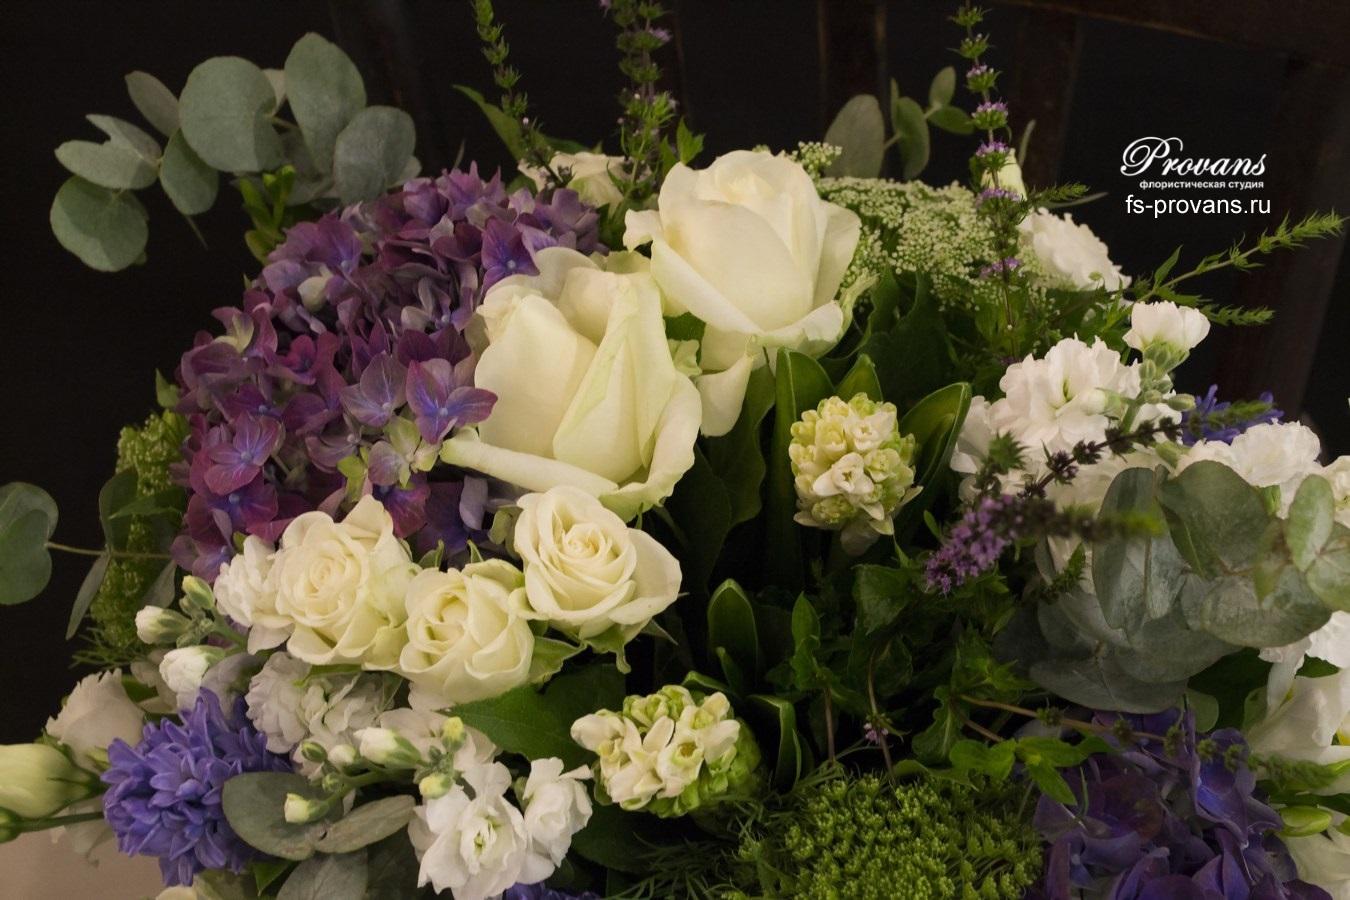 Букет на день матери. Гортензия, роза, гиацинты, фрезия